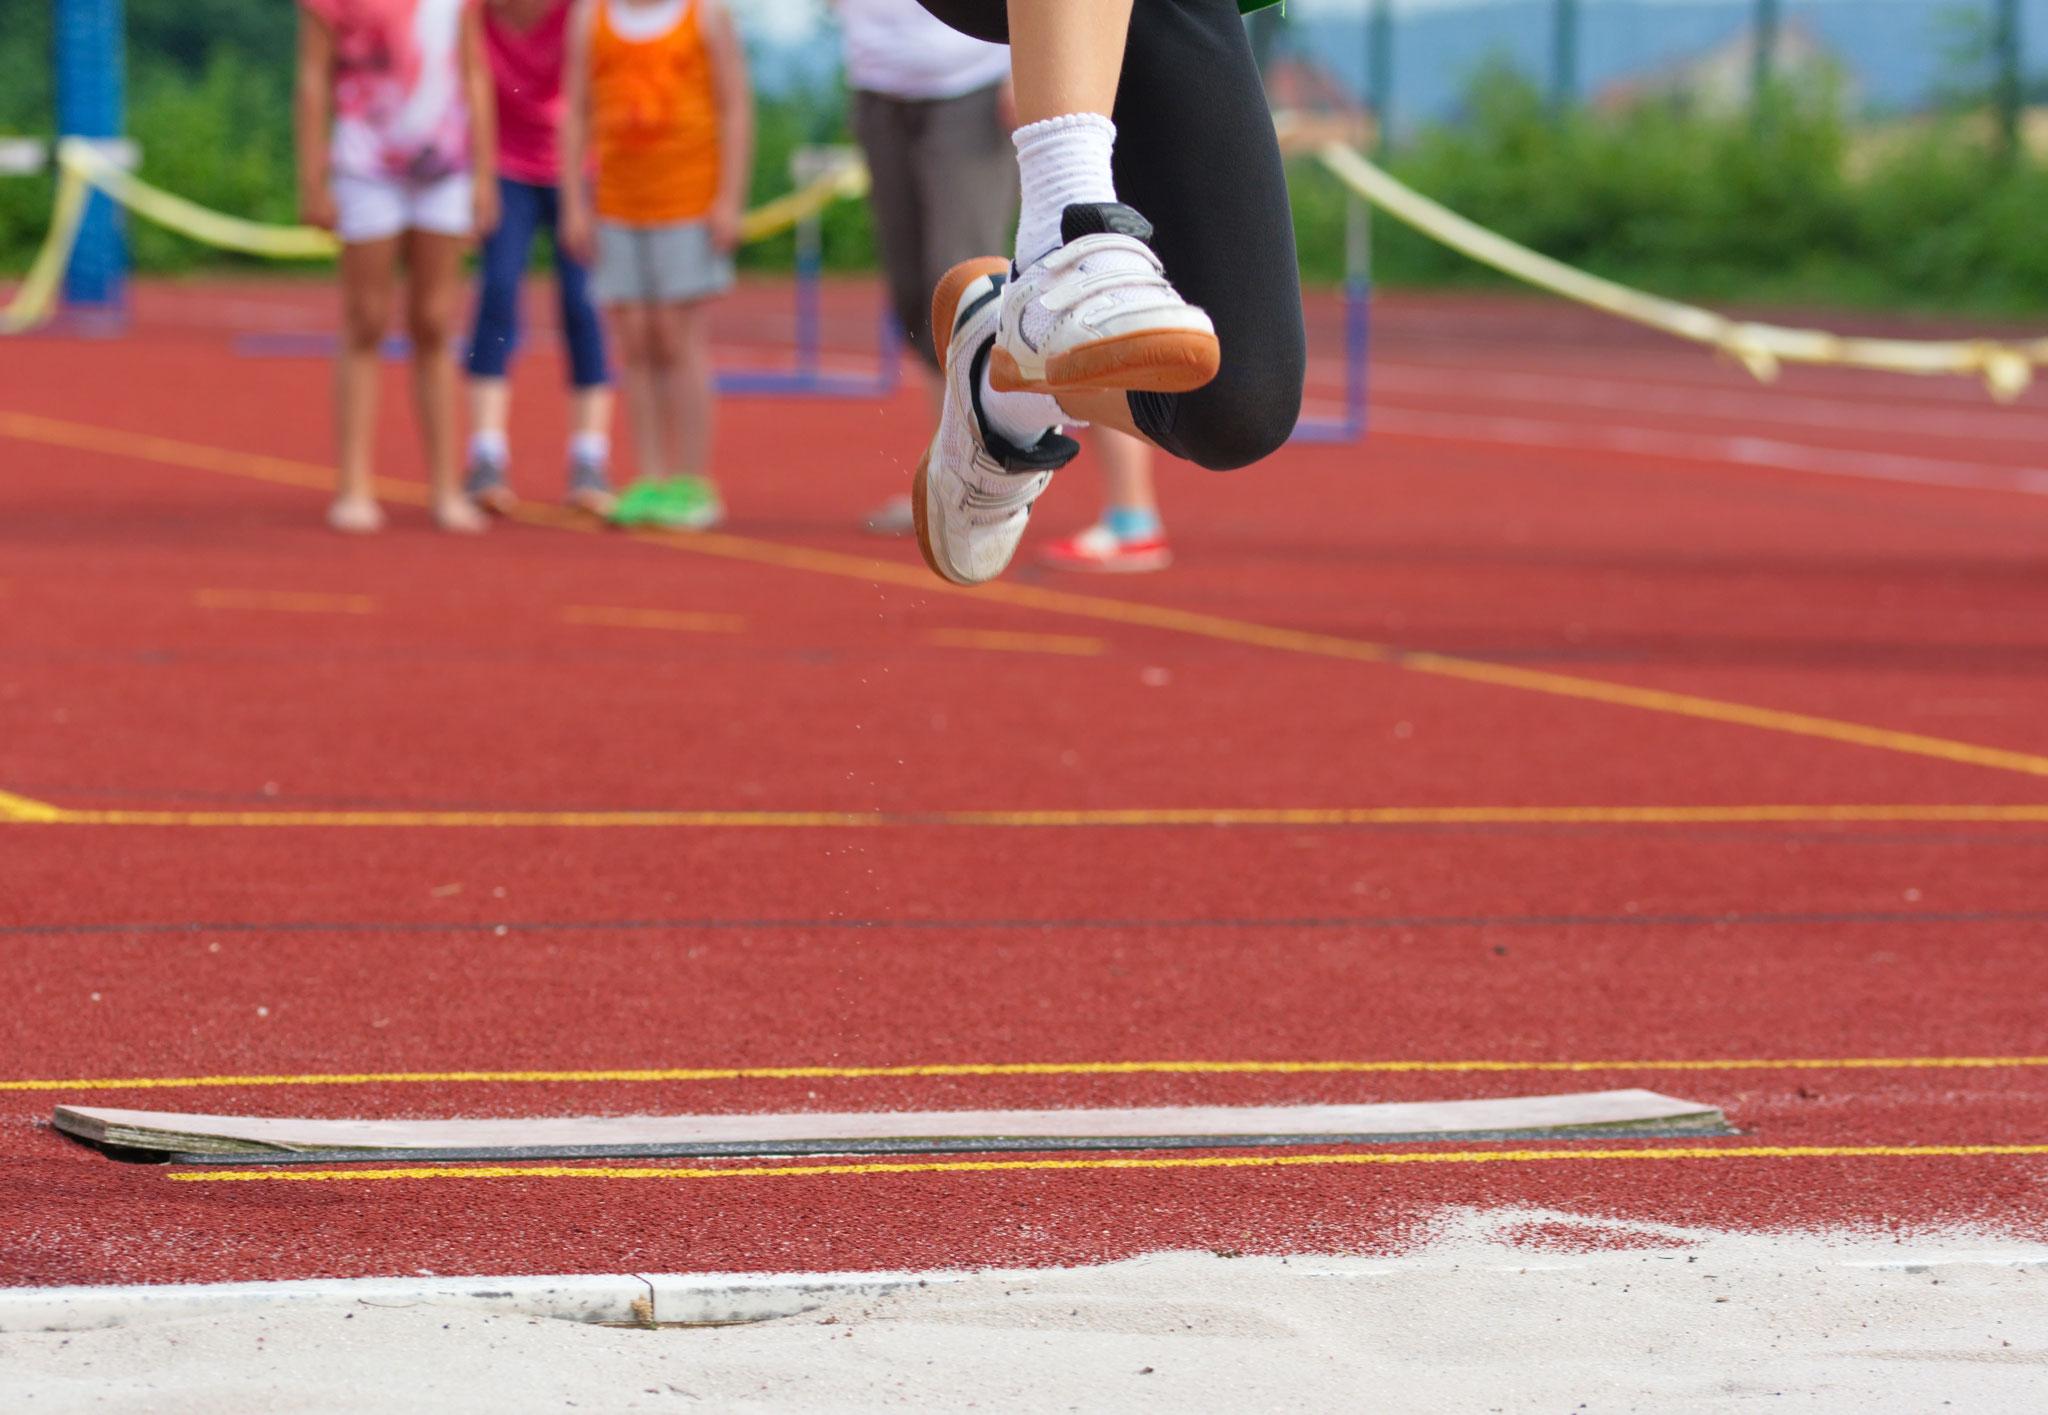 Tipp 3: Berliner Schülermeisterschaften in der Leichtathletik. Sa/So, 17./18.8., 11 bis 17 Uhr, Stadion an der Allee der Kosmonauten 131, 12681 Berlin, © Schlegelfotos - Fotolia.com